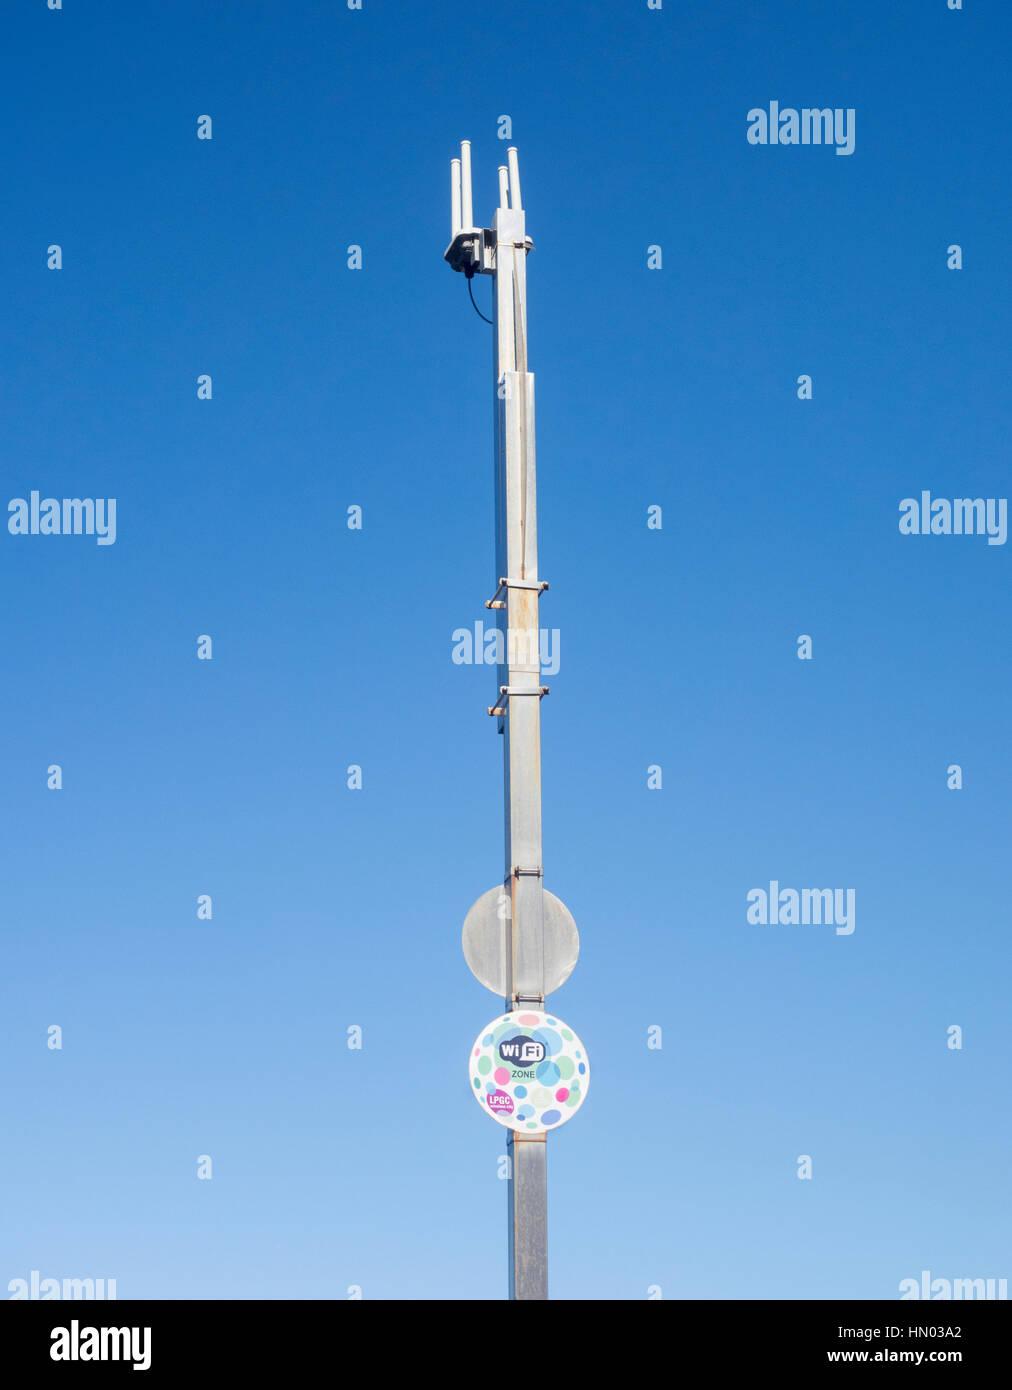 Antennes wifi sur la plage en Espagne Photo Stock